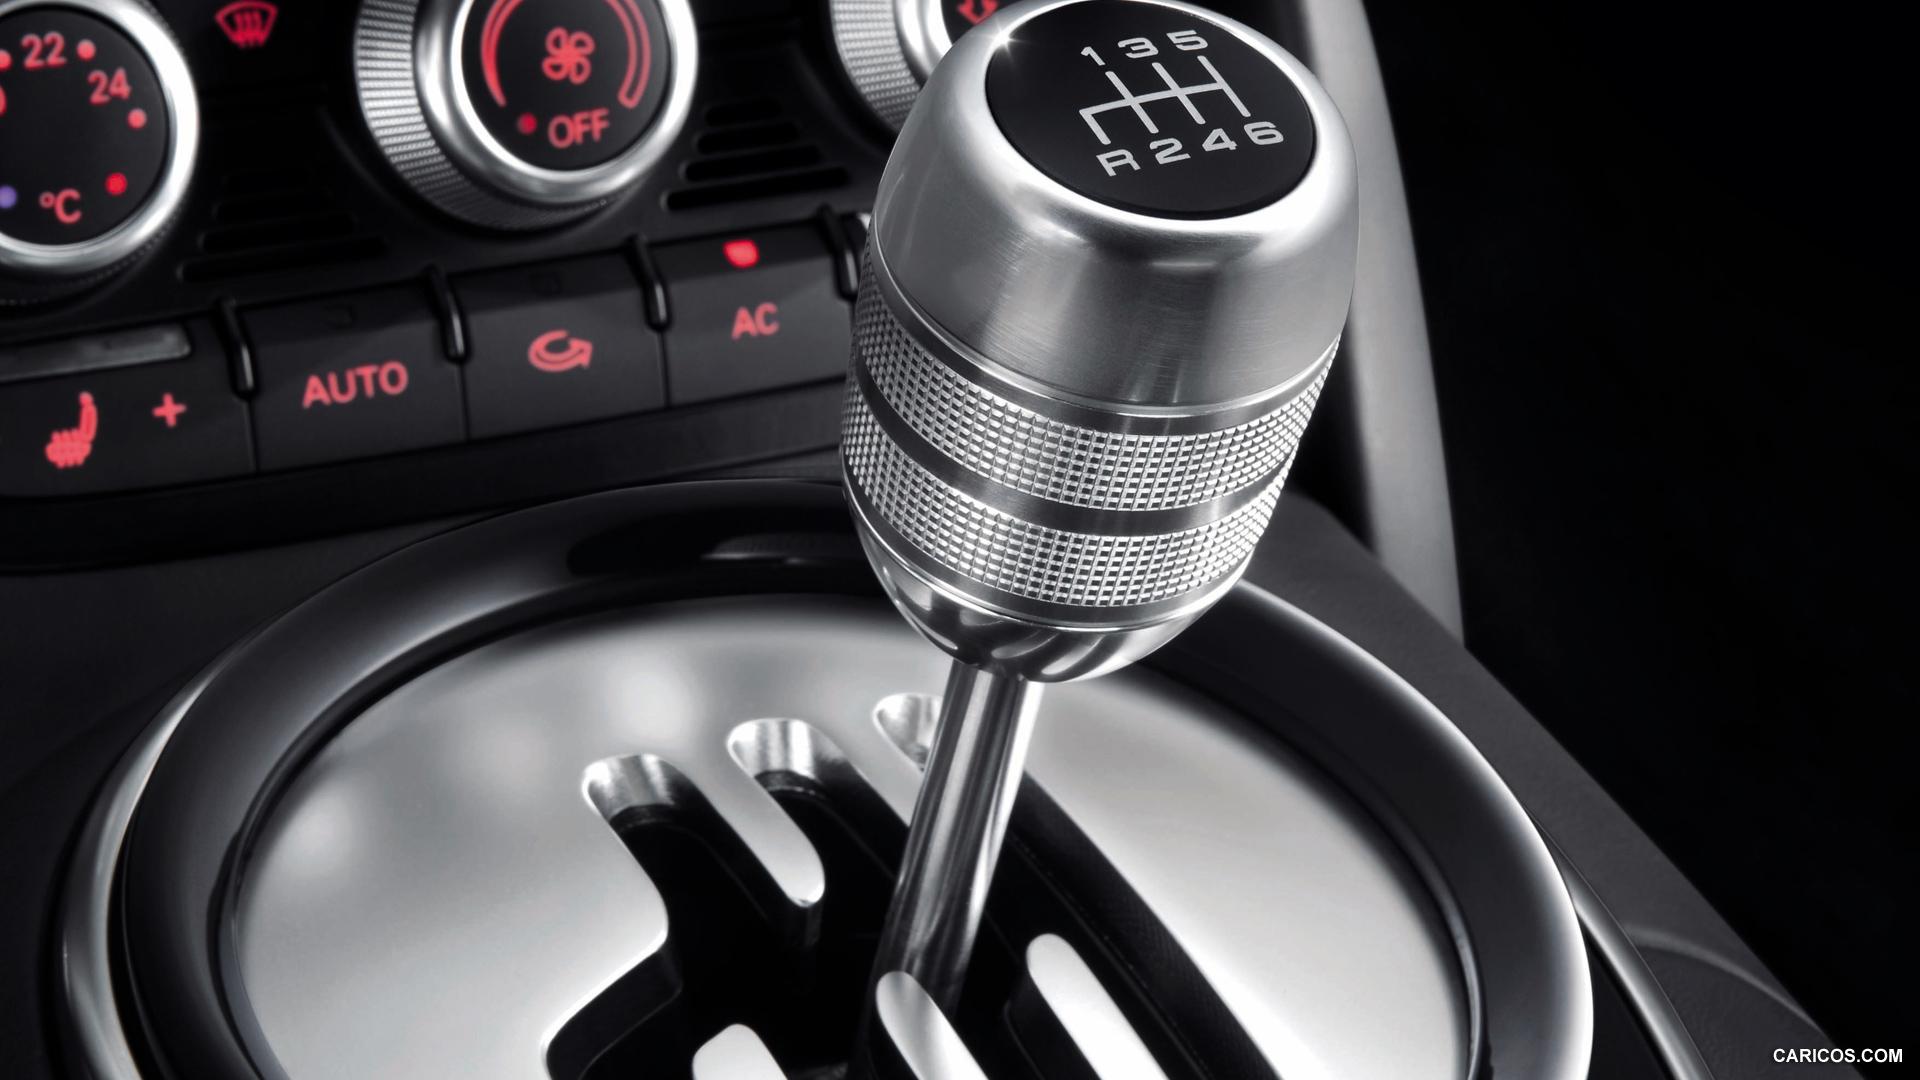 2013 Audi R8 Stick Shift HD Wallpaper 18 1920x1080